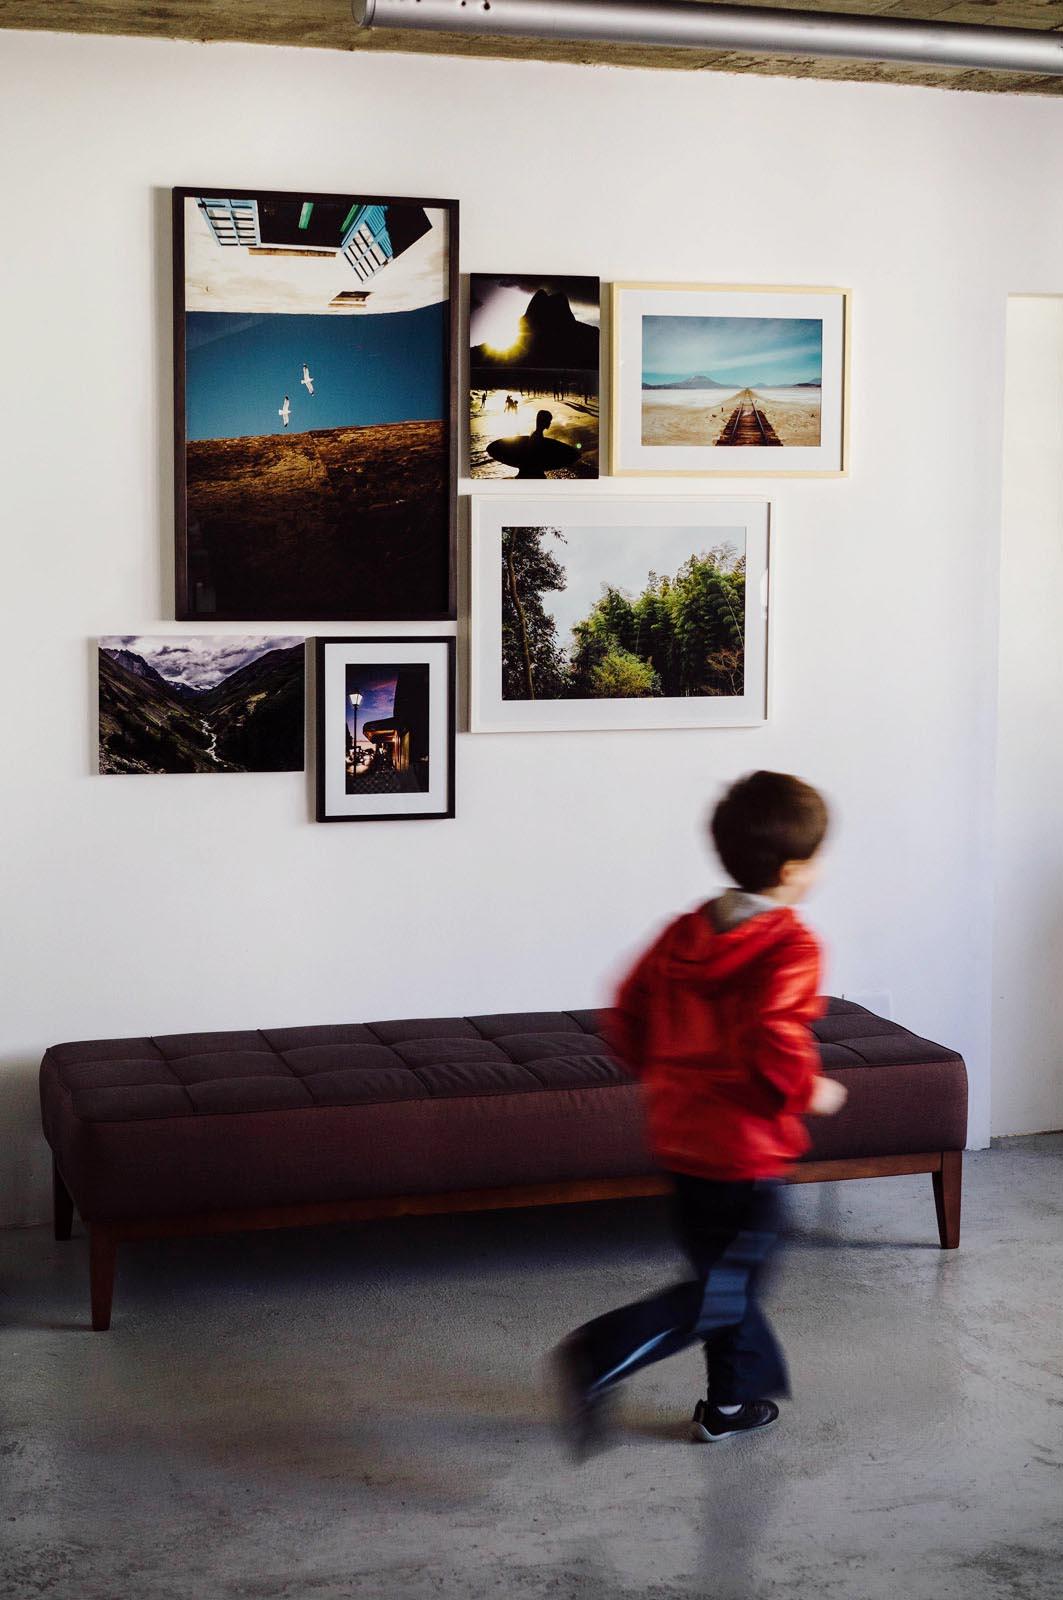 fotografia-galeria-daniele-picoral-saudades-edicoes-fotograficas